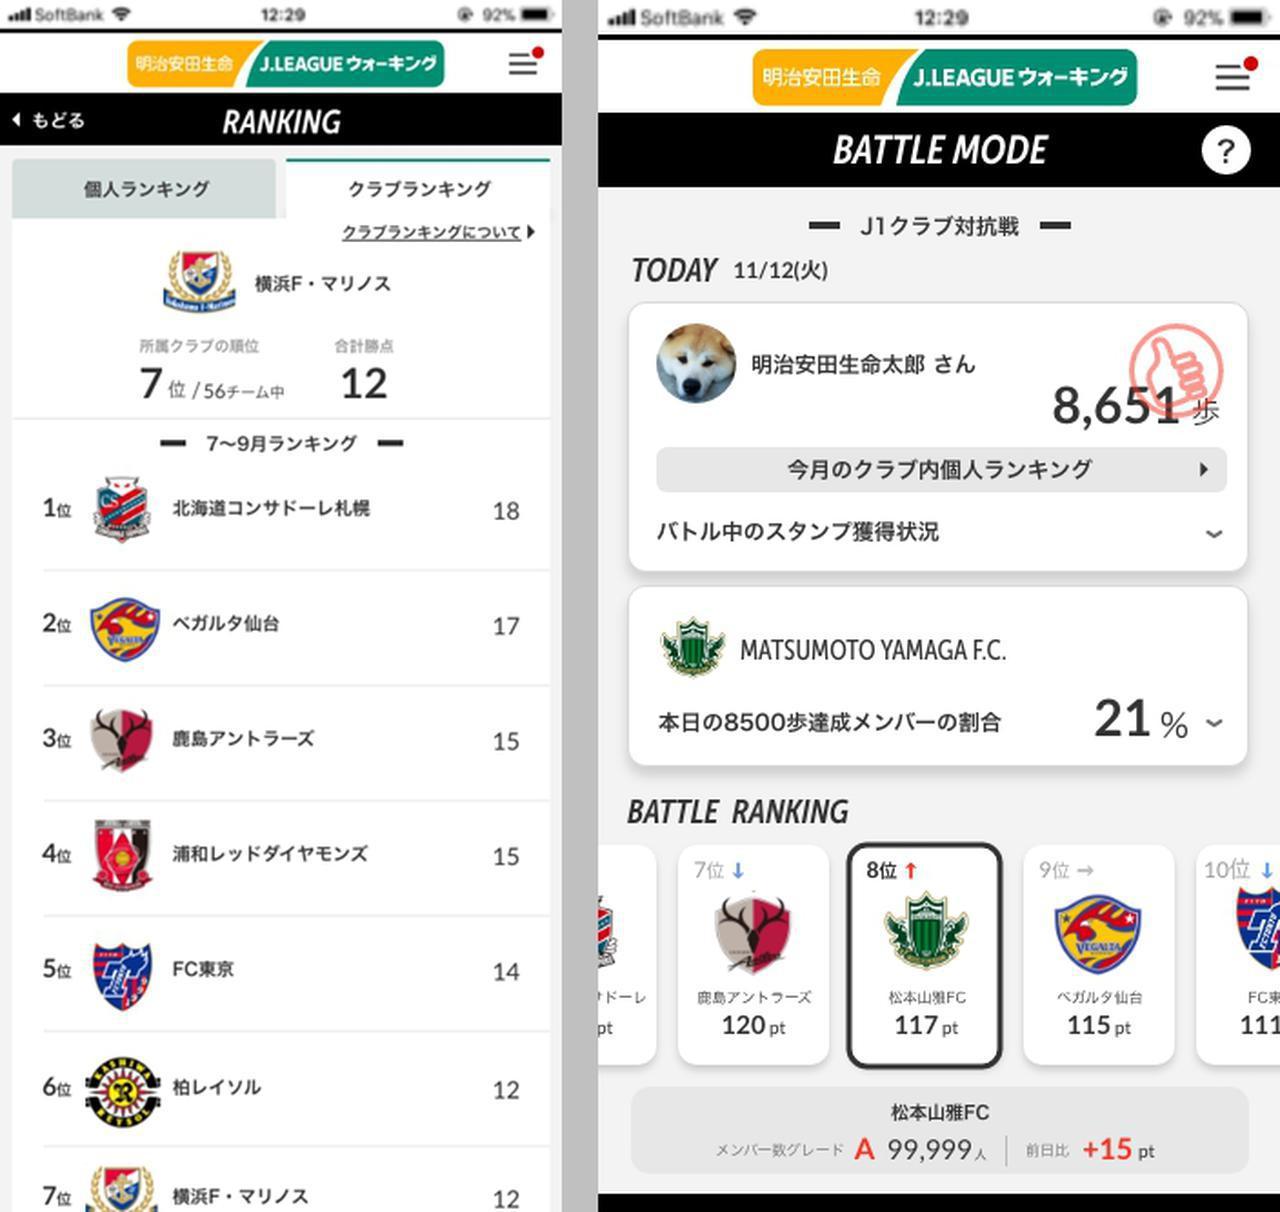 画像: 明治安田生命Jリーグウォーキングアプリの画面。バトルモードではクラブ同士でウォーキングでの勝点を競い合うことができる